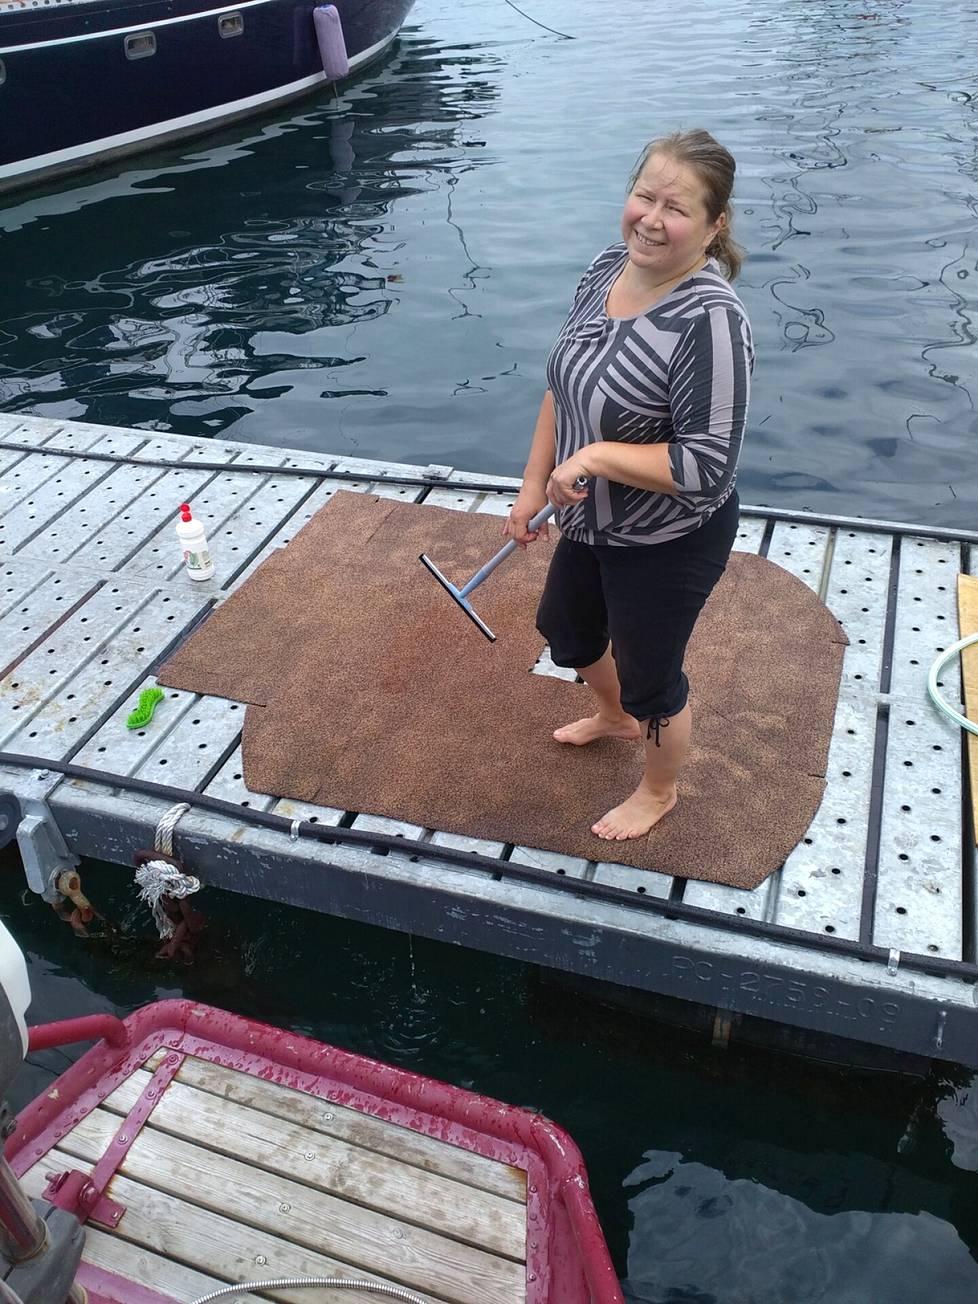 Laivaelämä vaatii jatkuvaa korjailua, huoltoa ja siivoamista, kuten mattojen pesua.